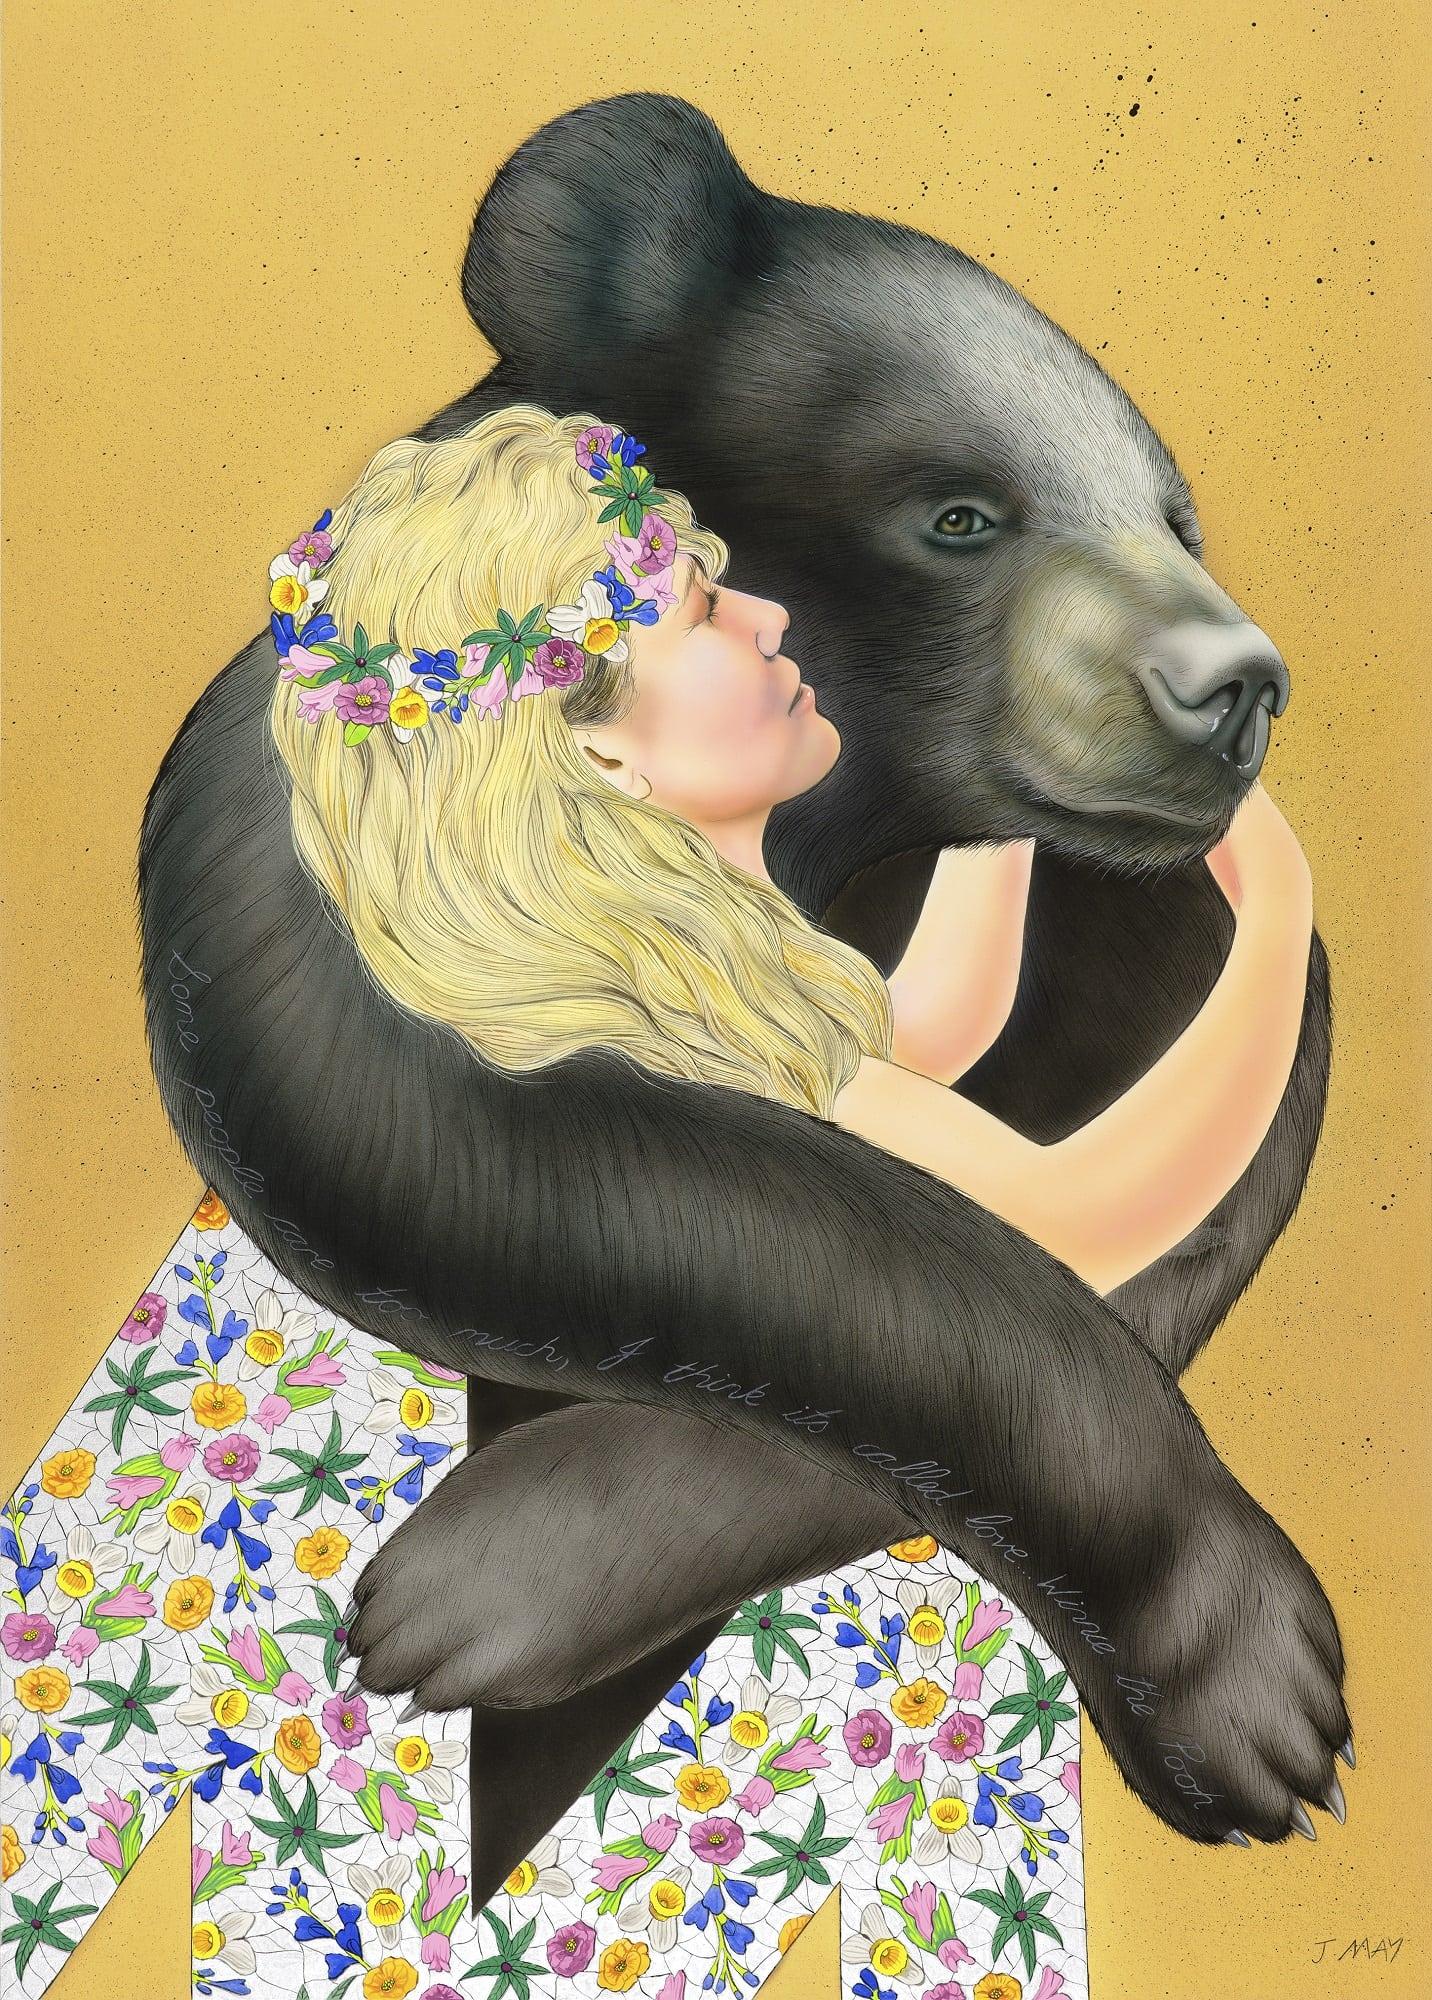 Joanna May Moon Bear I think it's called love